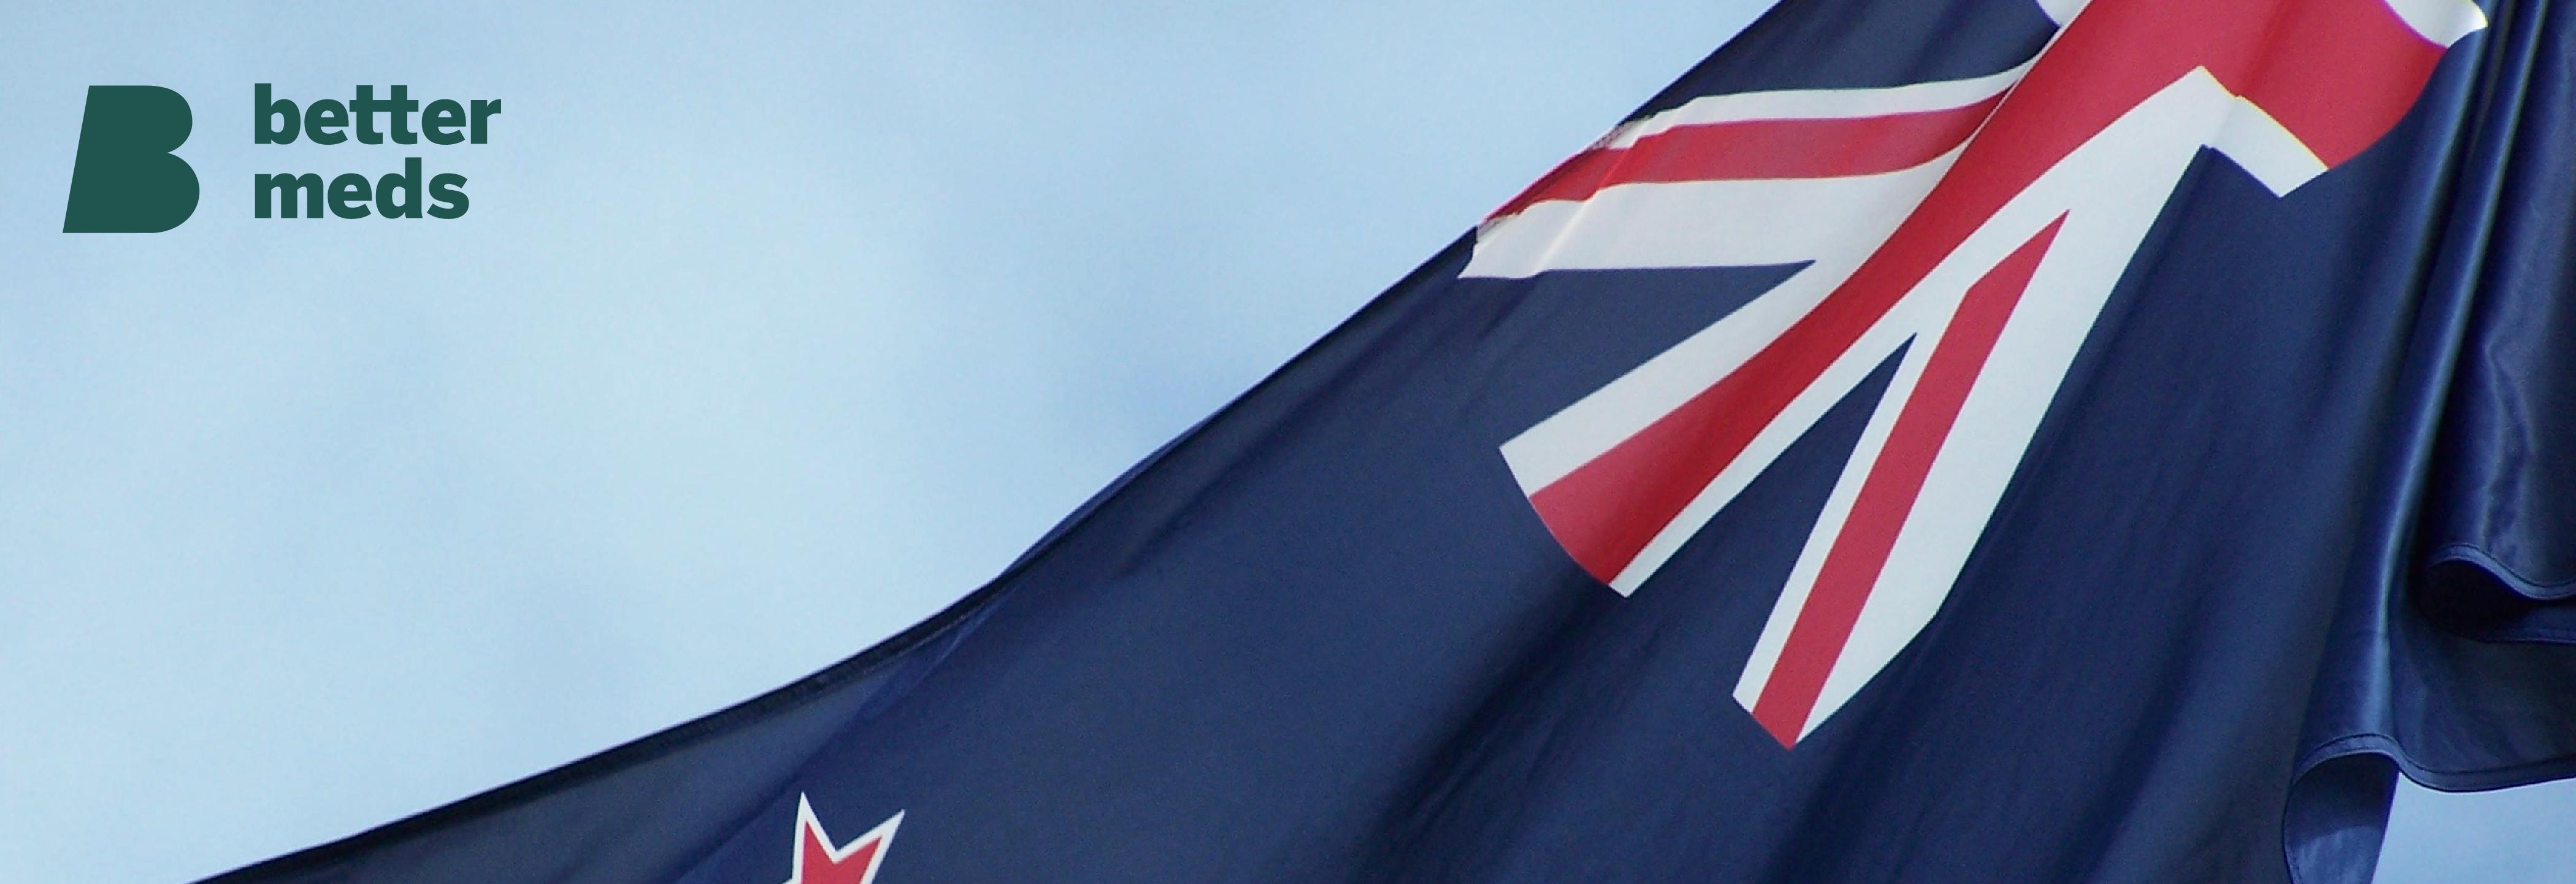 Better Meds starts its New Zealand journey_V3_Web 1400 x 480 px brez@3x